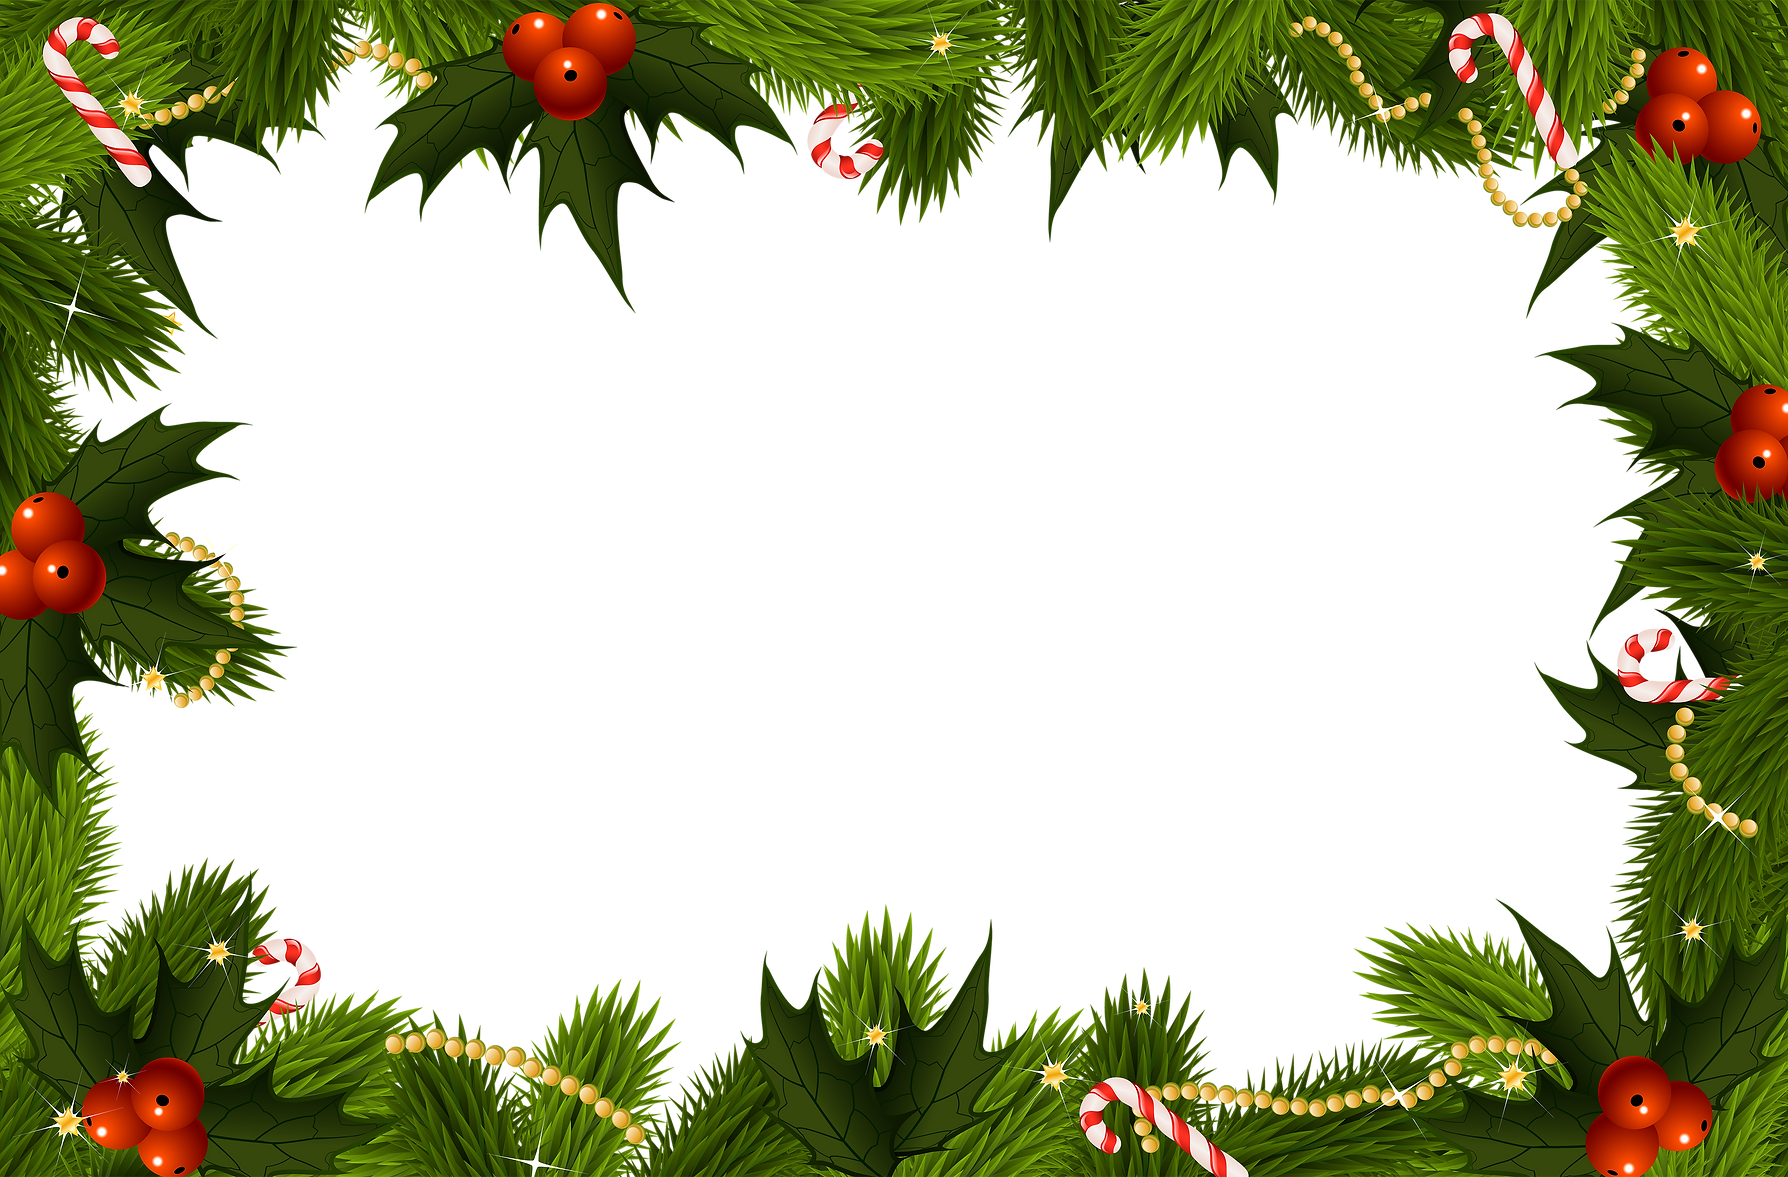 131-1310893_free-christmas-borders-frame